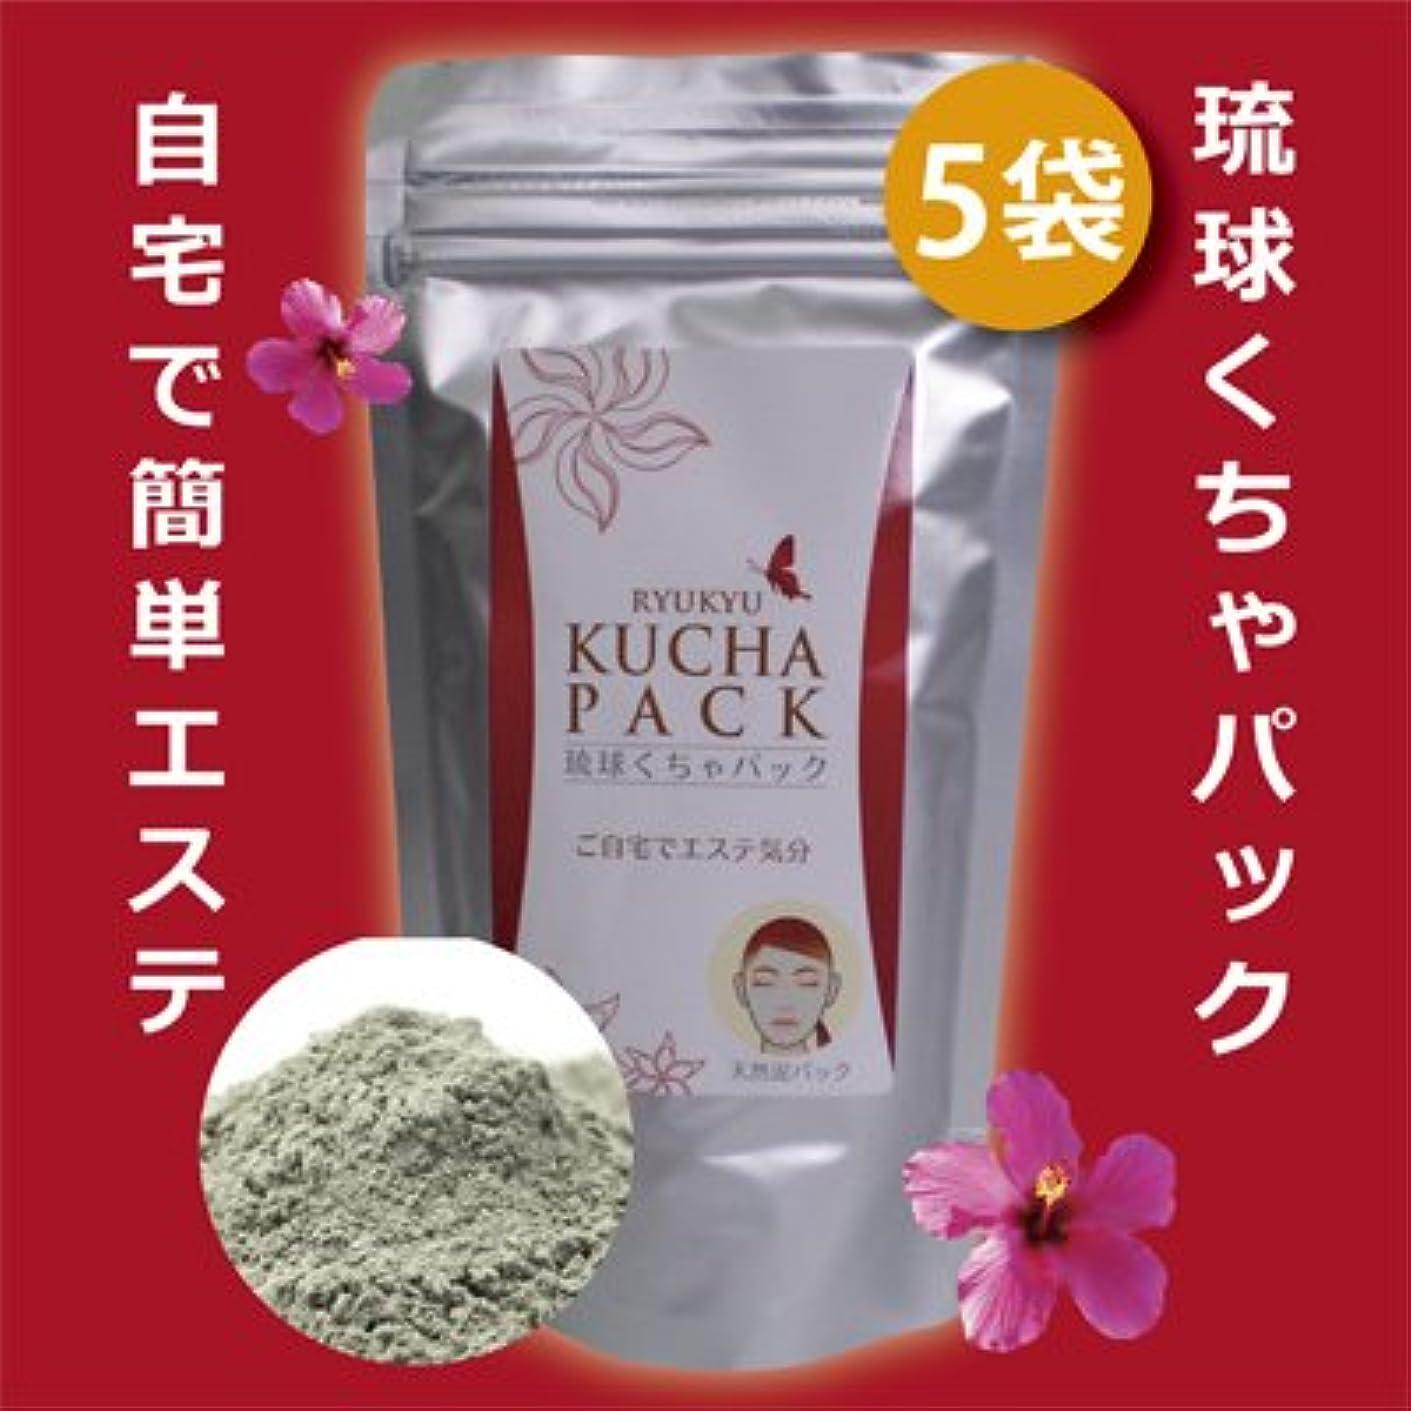 扱うアンソロジービバ美肌 健康作り 月桃水を加えた使いやすい粉末 沖縄産 琉球くちゃパック 150g 5パック